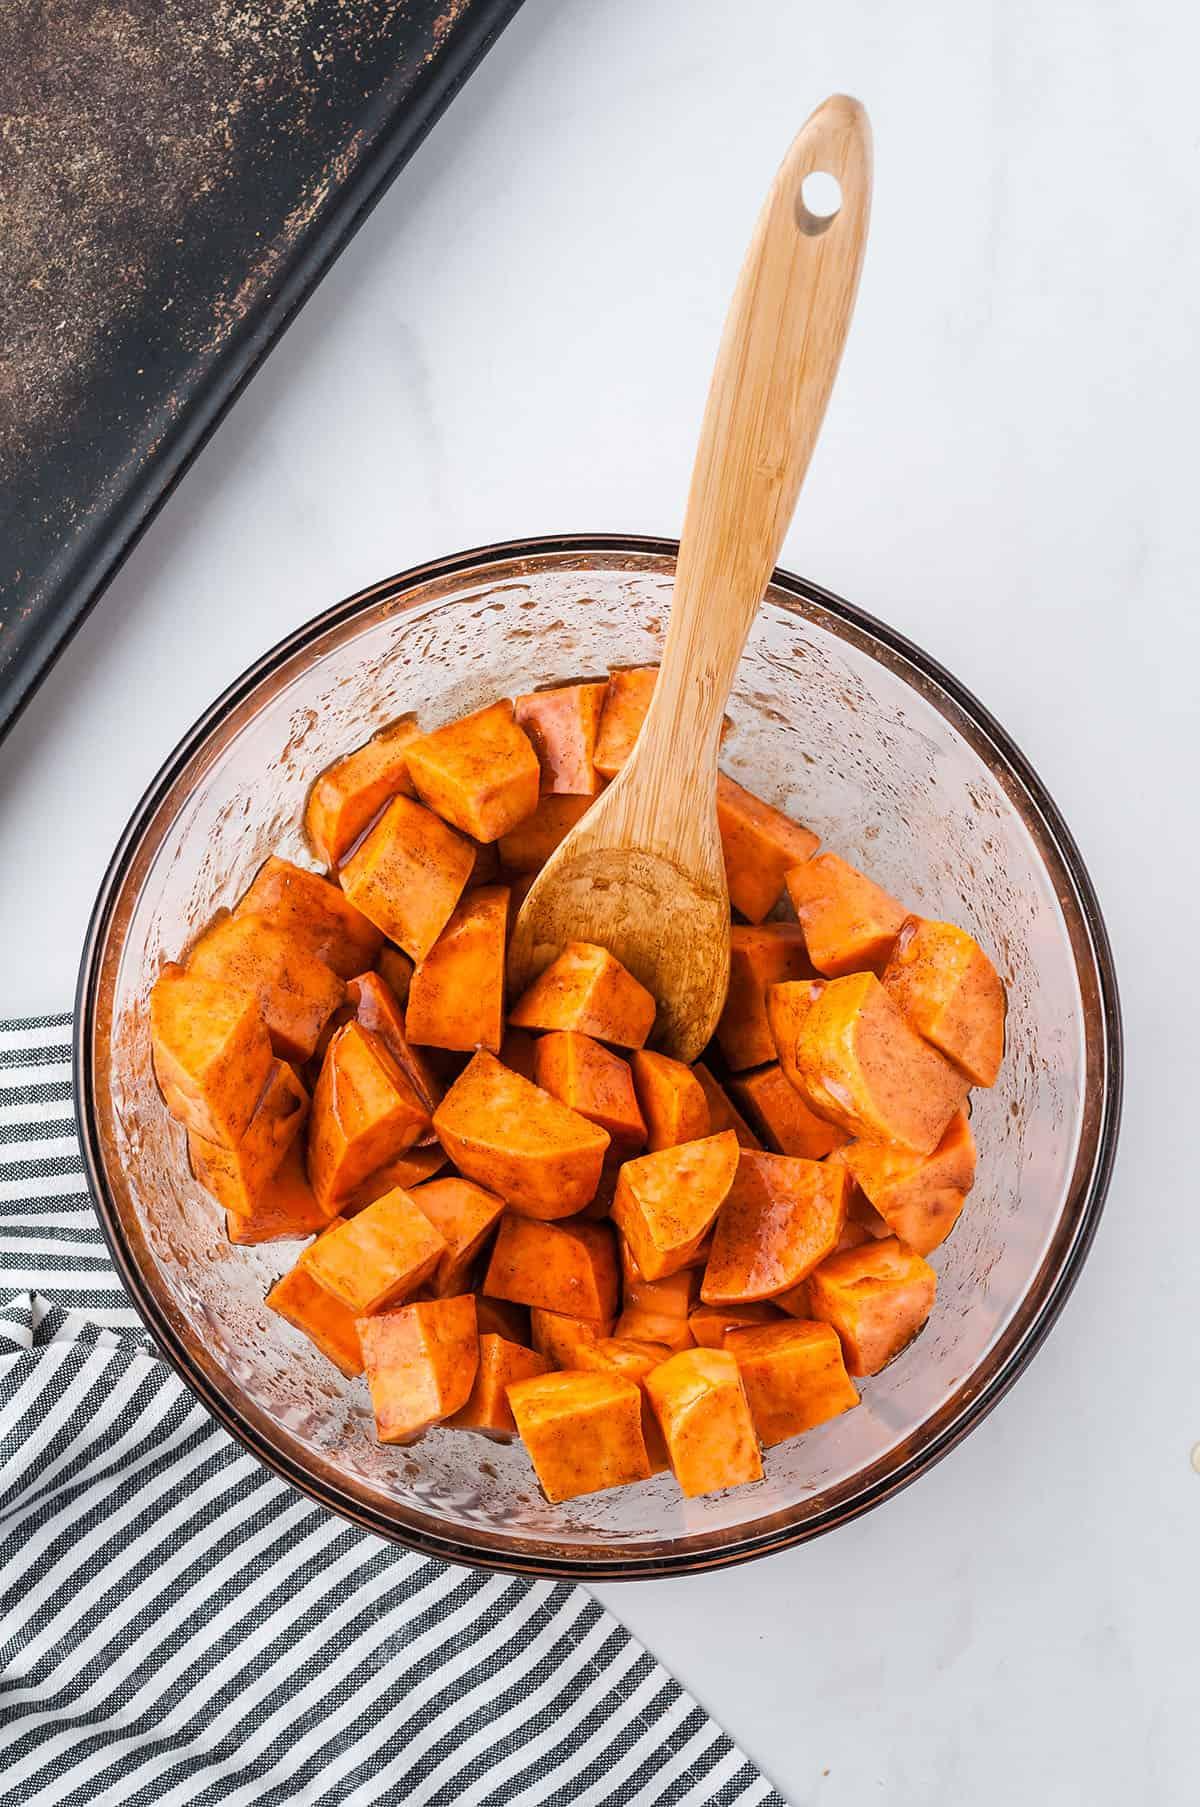 seasoned sweet potato cubes in glass bowl.